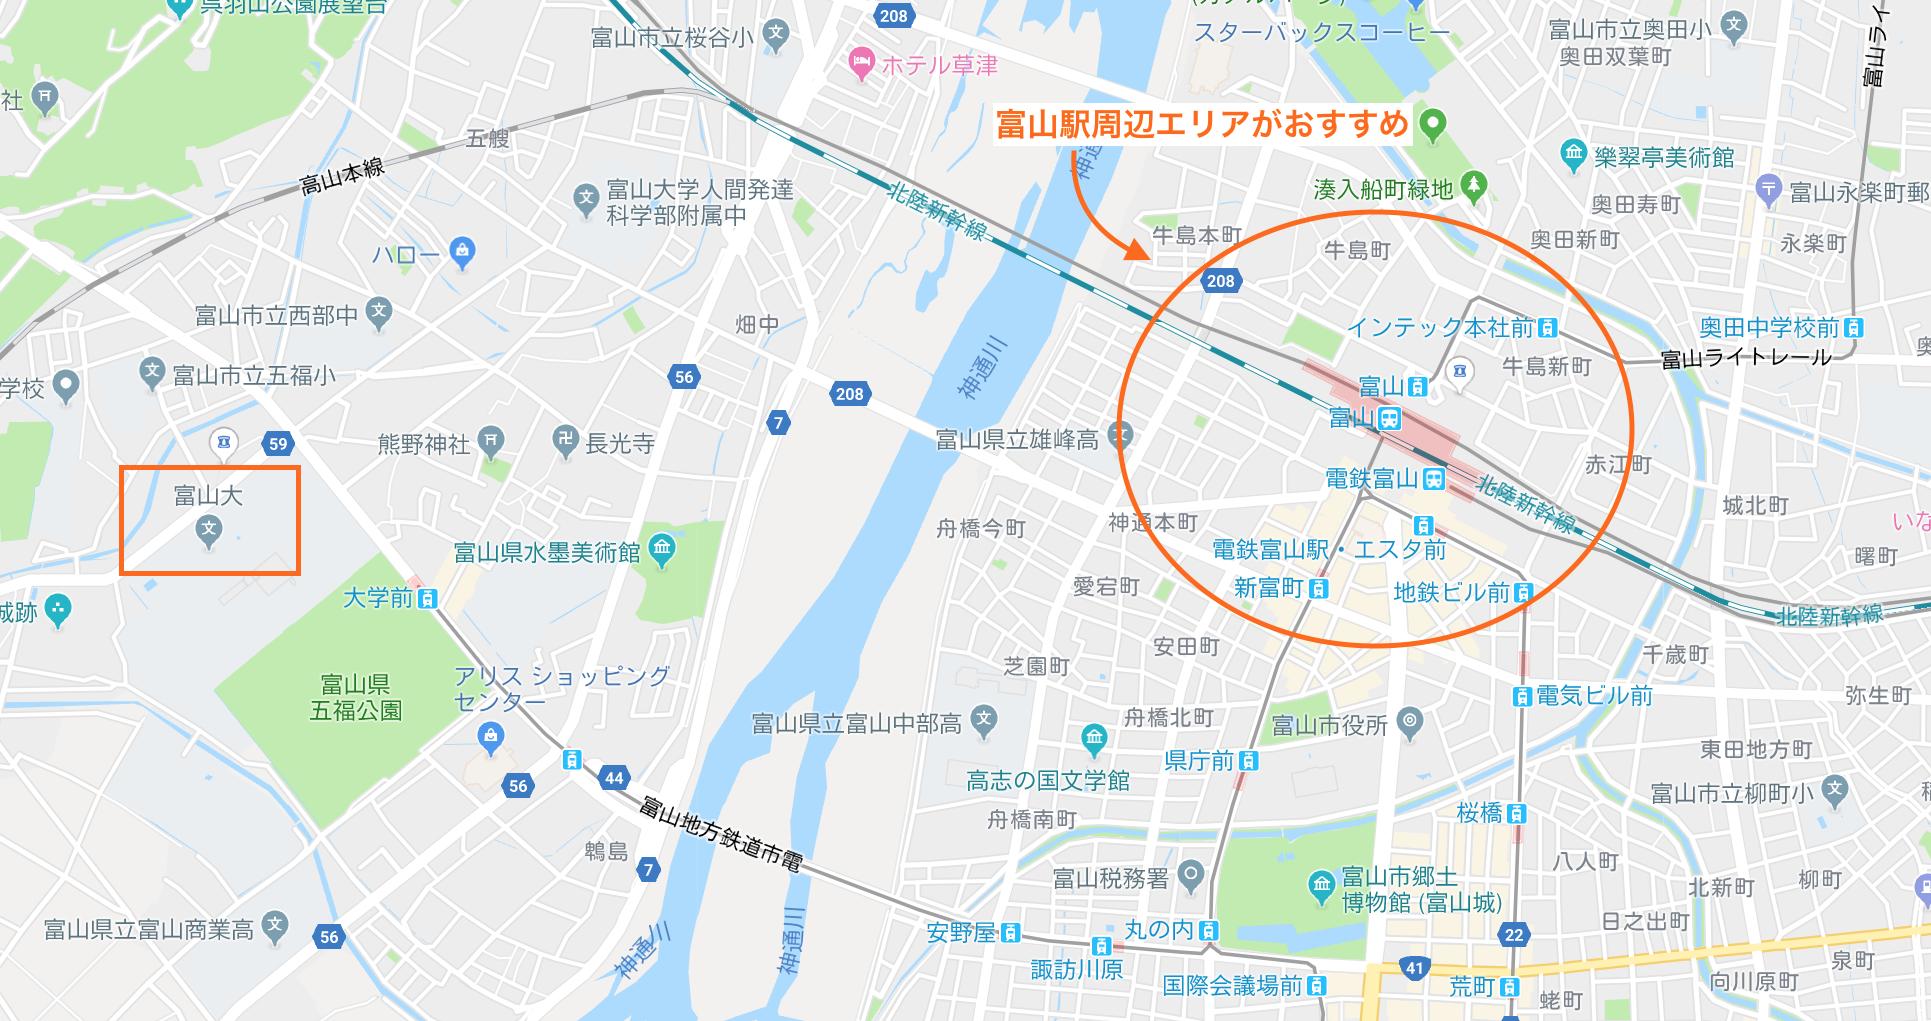 富山大学の五福キャンパス周辺の宿泊エリア